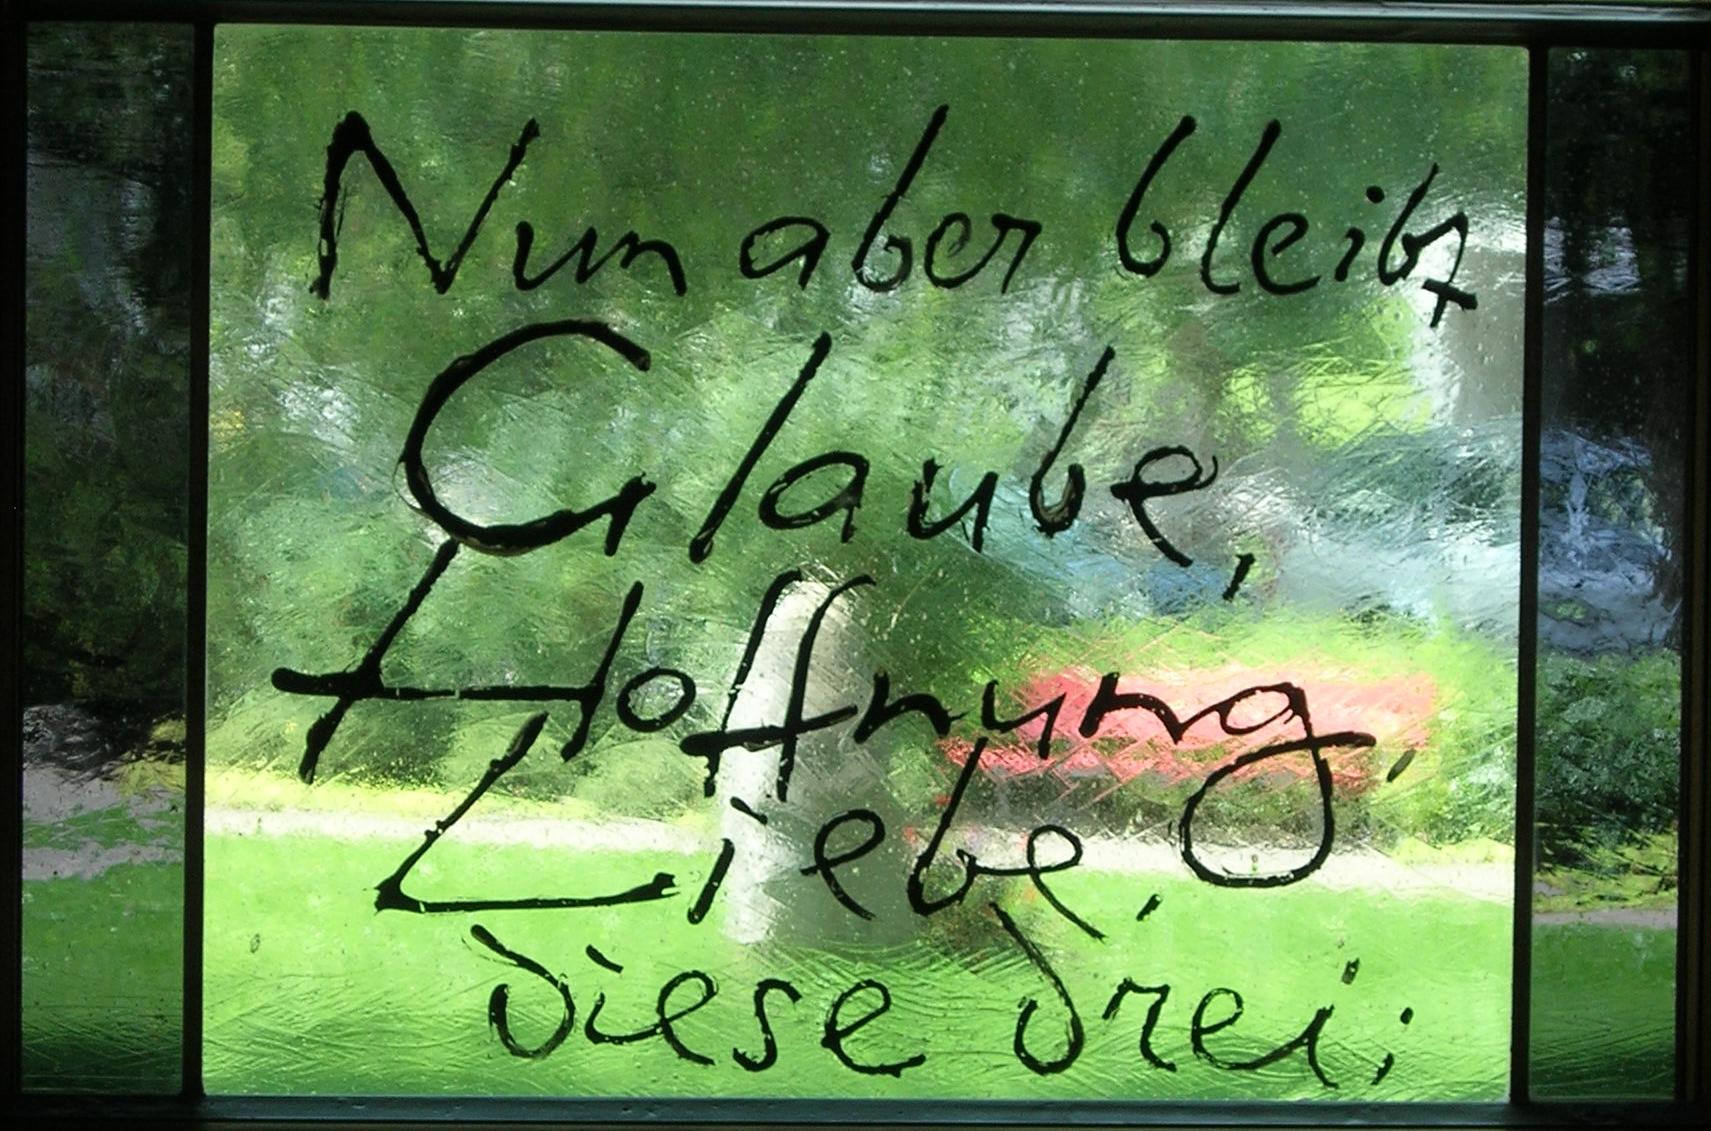 Prächtig reformiert-info.de - Nun aber bleiben Glaube, Hoffnung, Liebe @FB_23